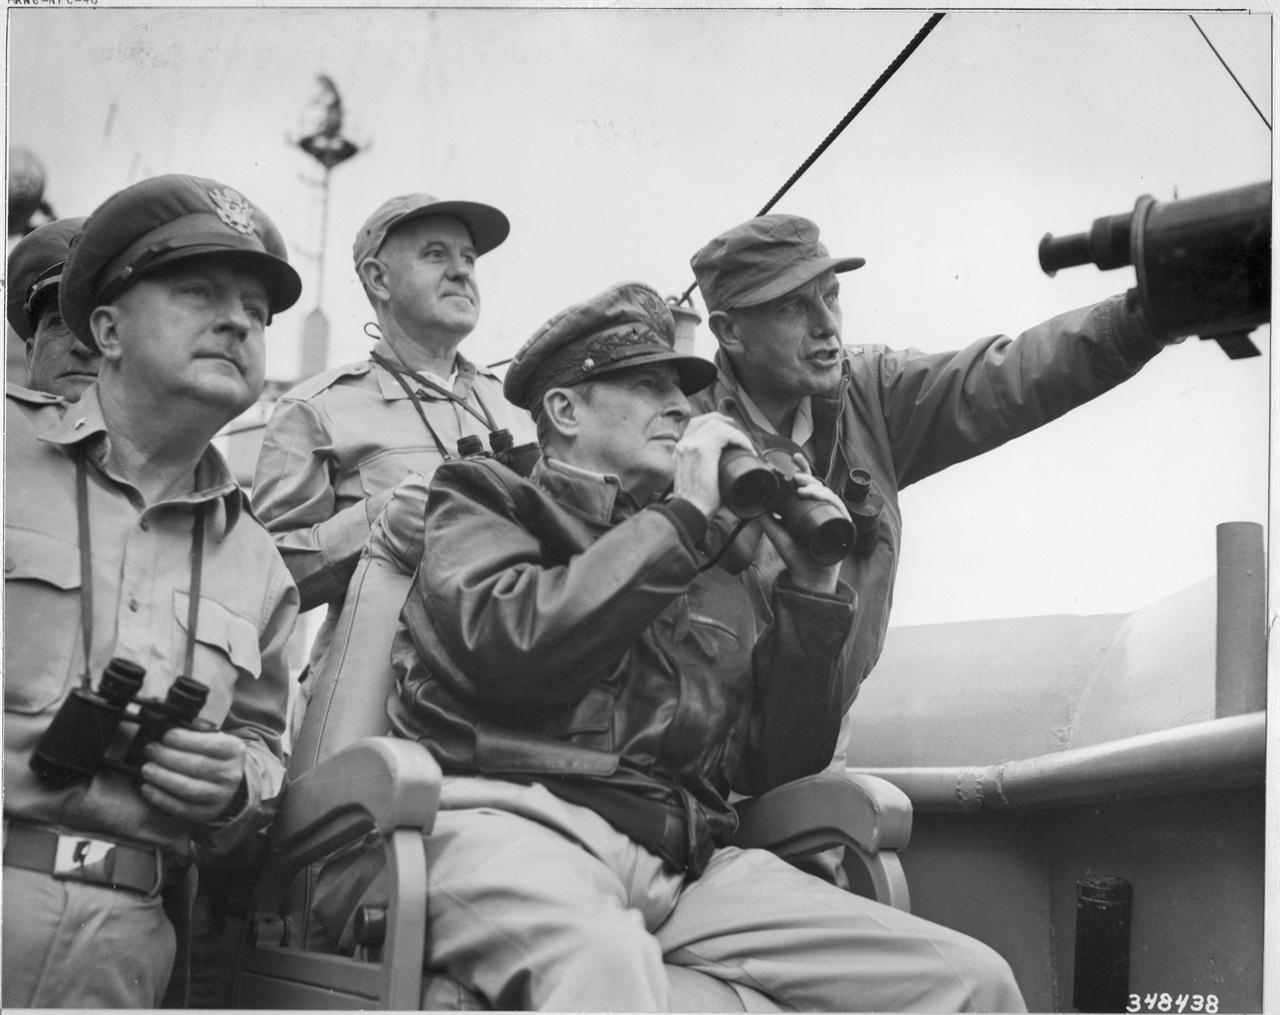 1950. 9. 14. 인천 앞 바다 Mountain Mckinley 함상에서 상륙지점을 바라보는 맥아더 장군.